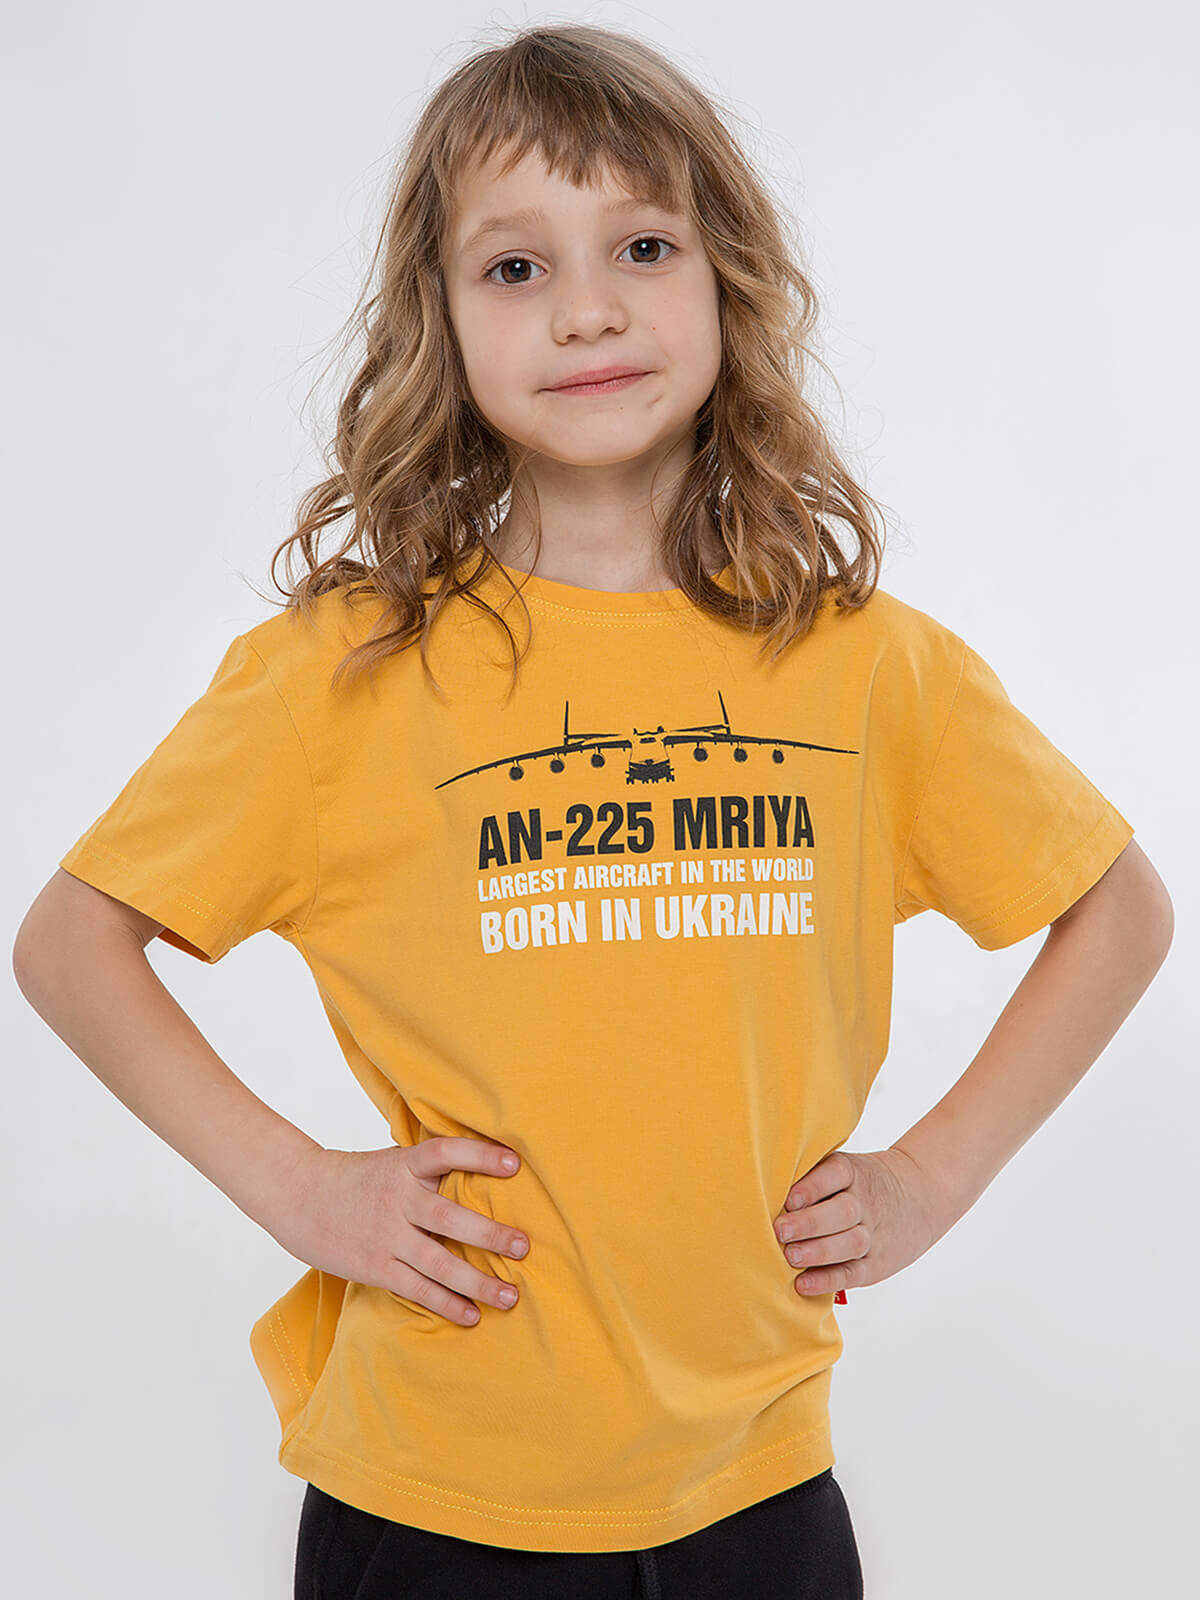 Дитяча Футболка Мрія. Колір жовтий. Футболка: унісекс, добре пасує і хлопцям, і дівчатам.